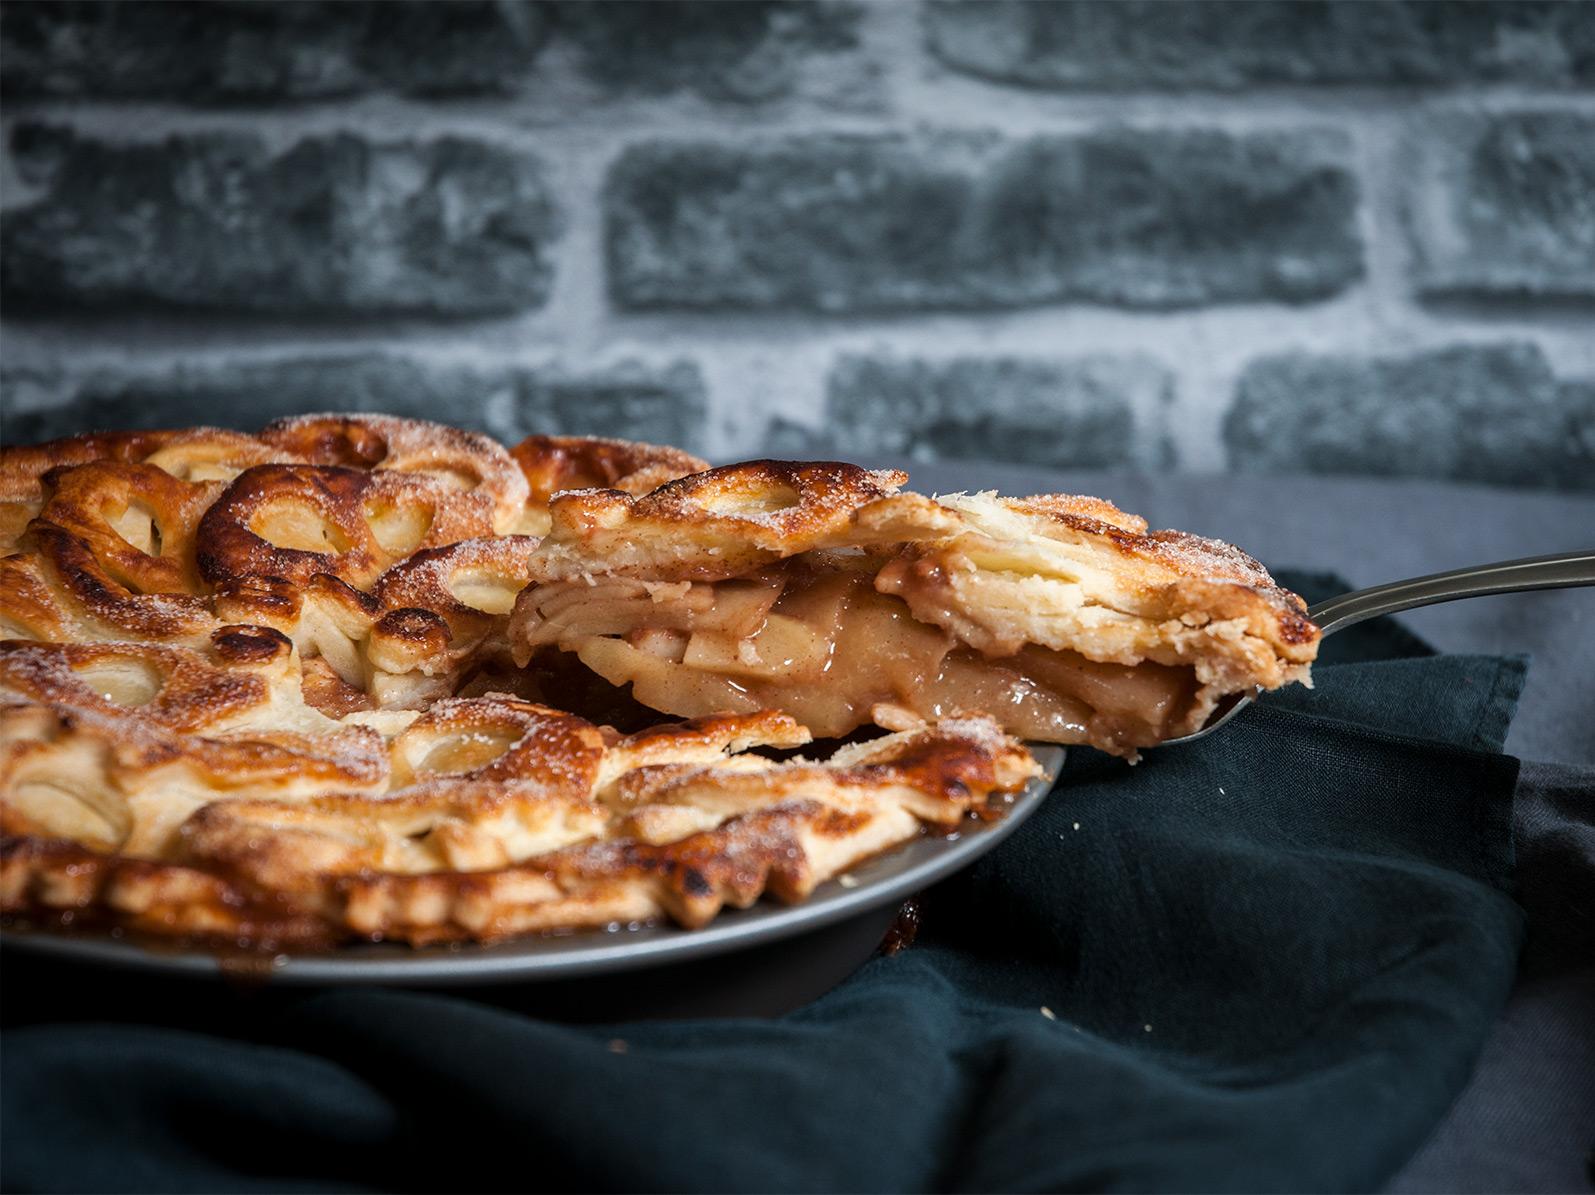 Or just a slice of delicios apple pie?